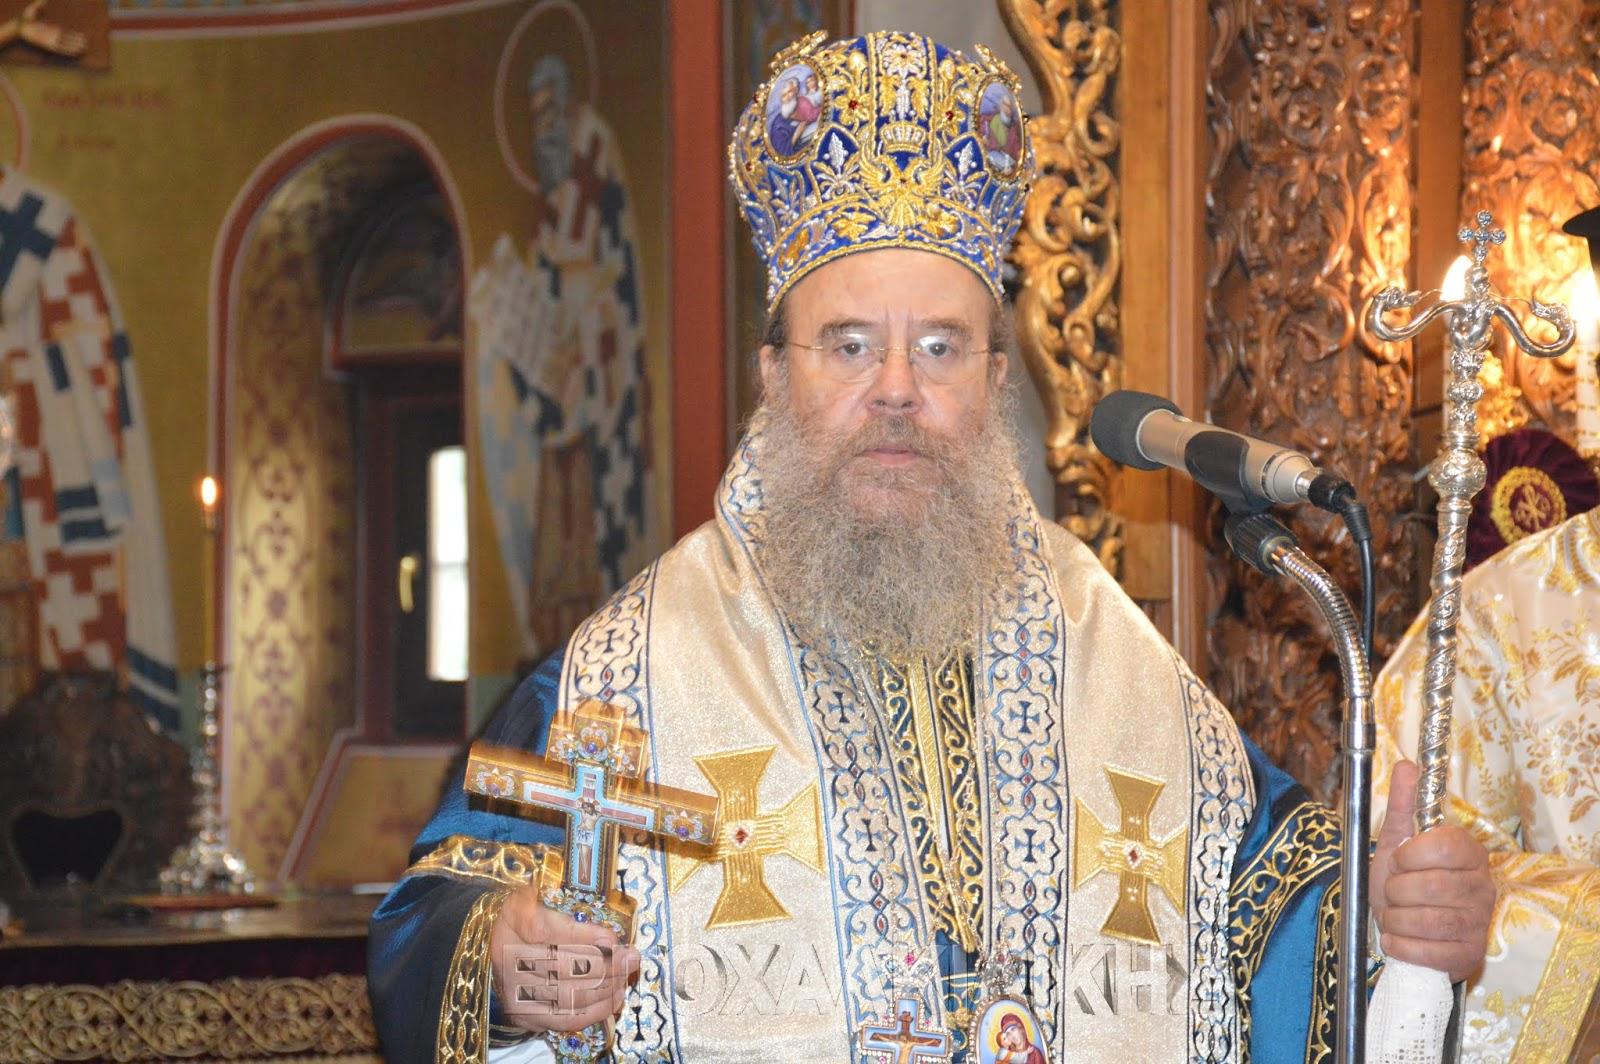 Μητροπολίτης Ιερισσού: ''εαν θέλει η κυβέρνηση μας να χωρίσει λαό από εκκλησία ...''